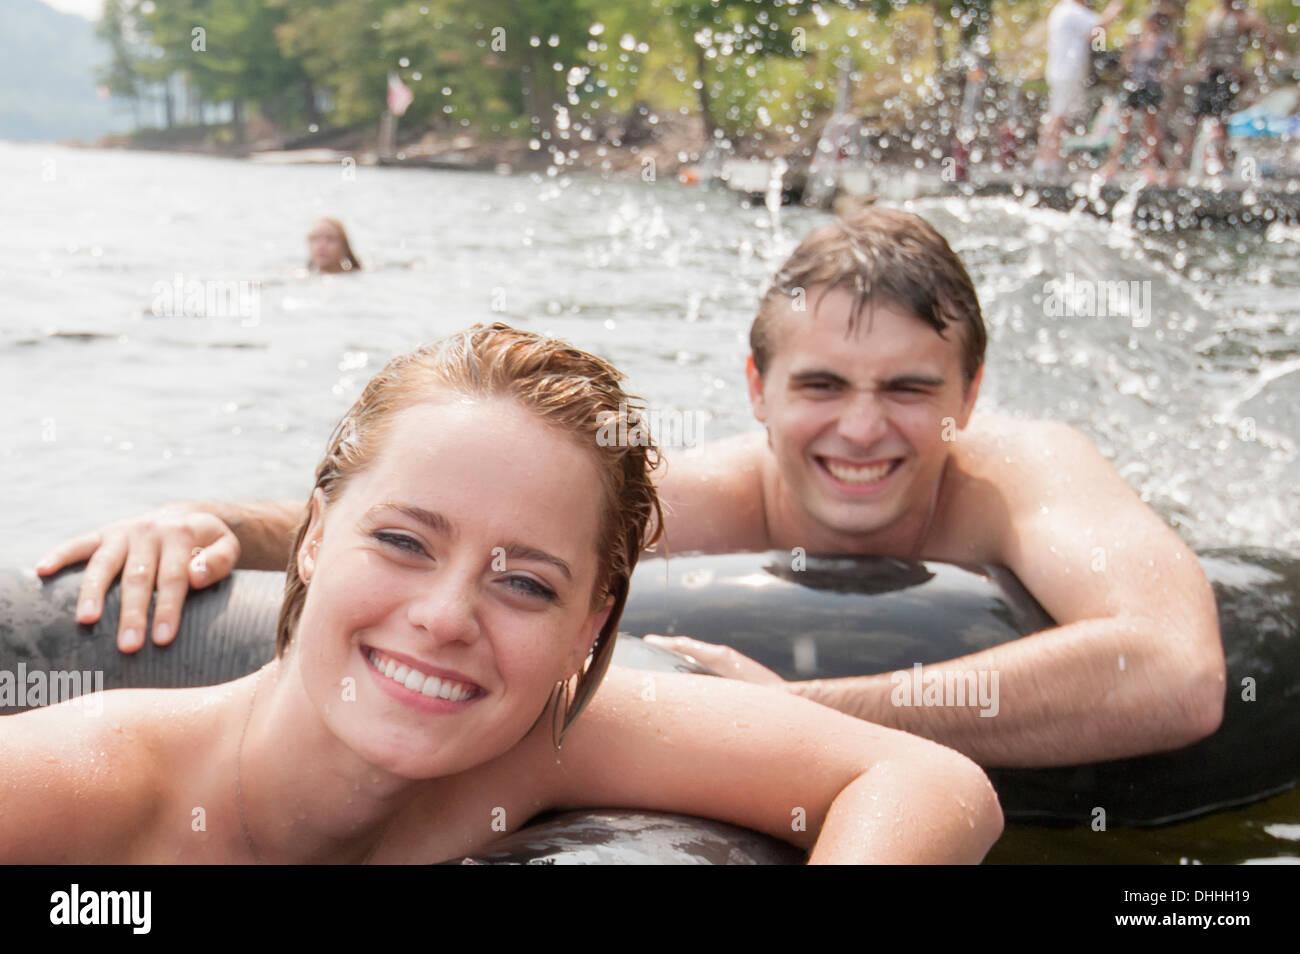 Coppia giovane galleggianti in anelli gonfiabili Immagini Stock